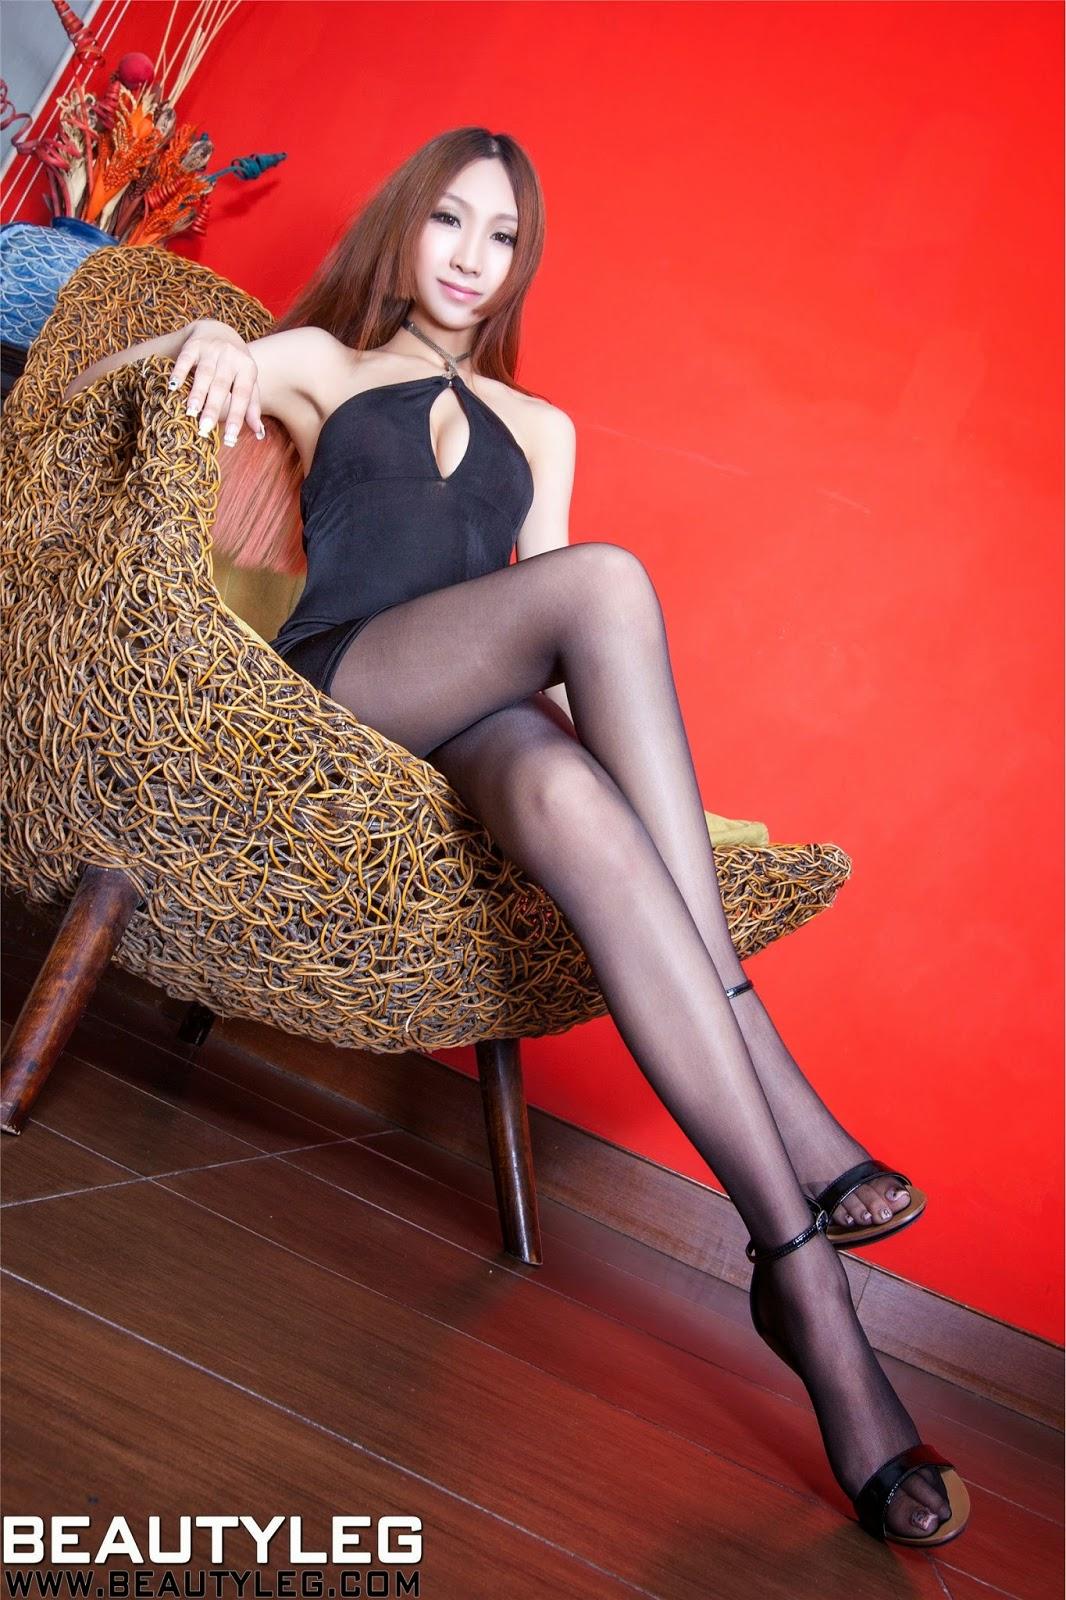 miki beautyleg model i